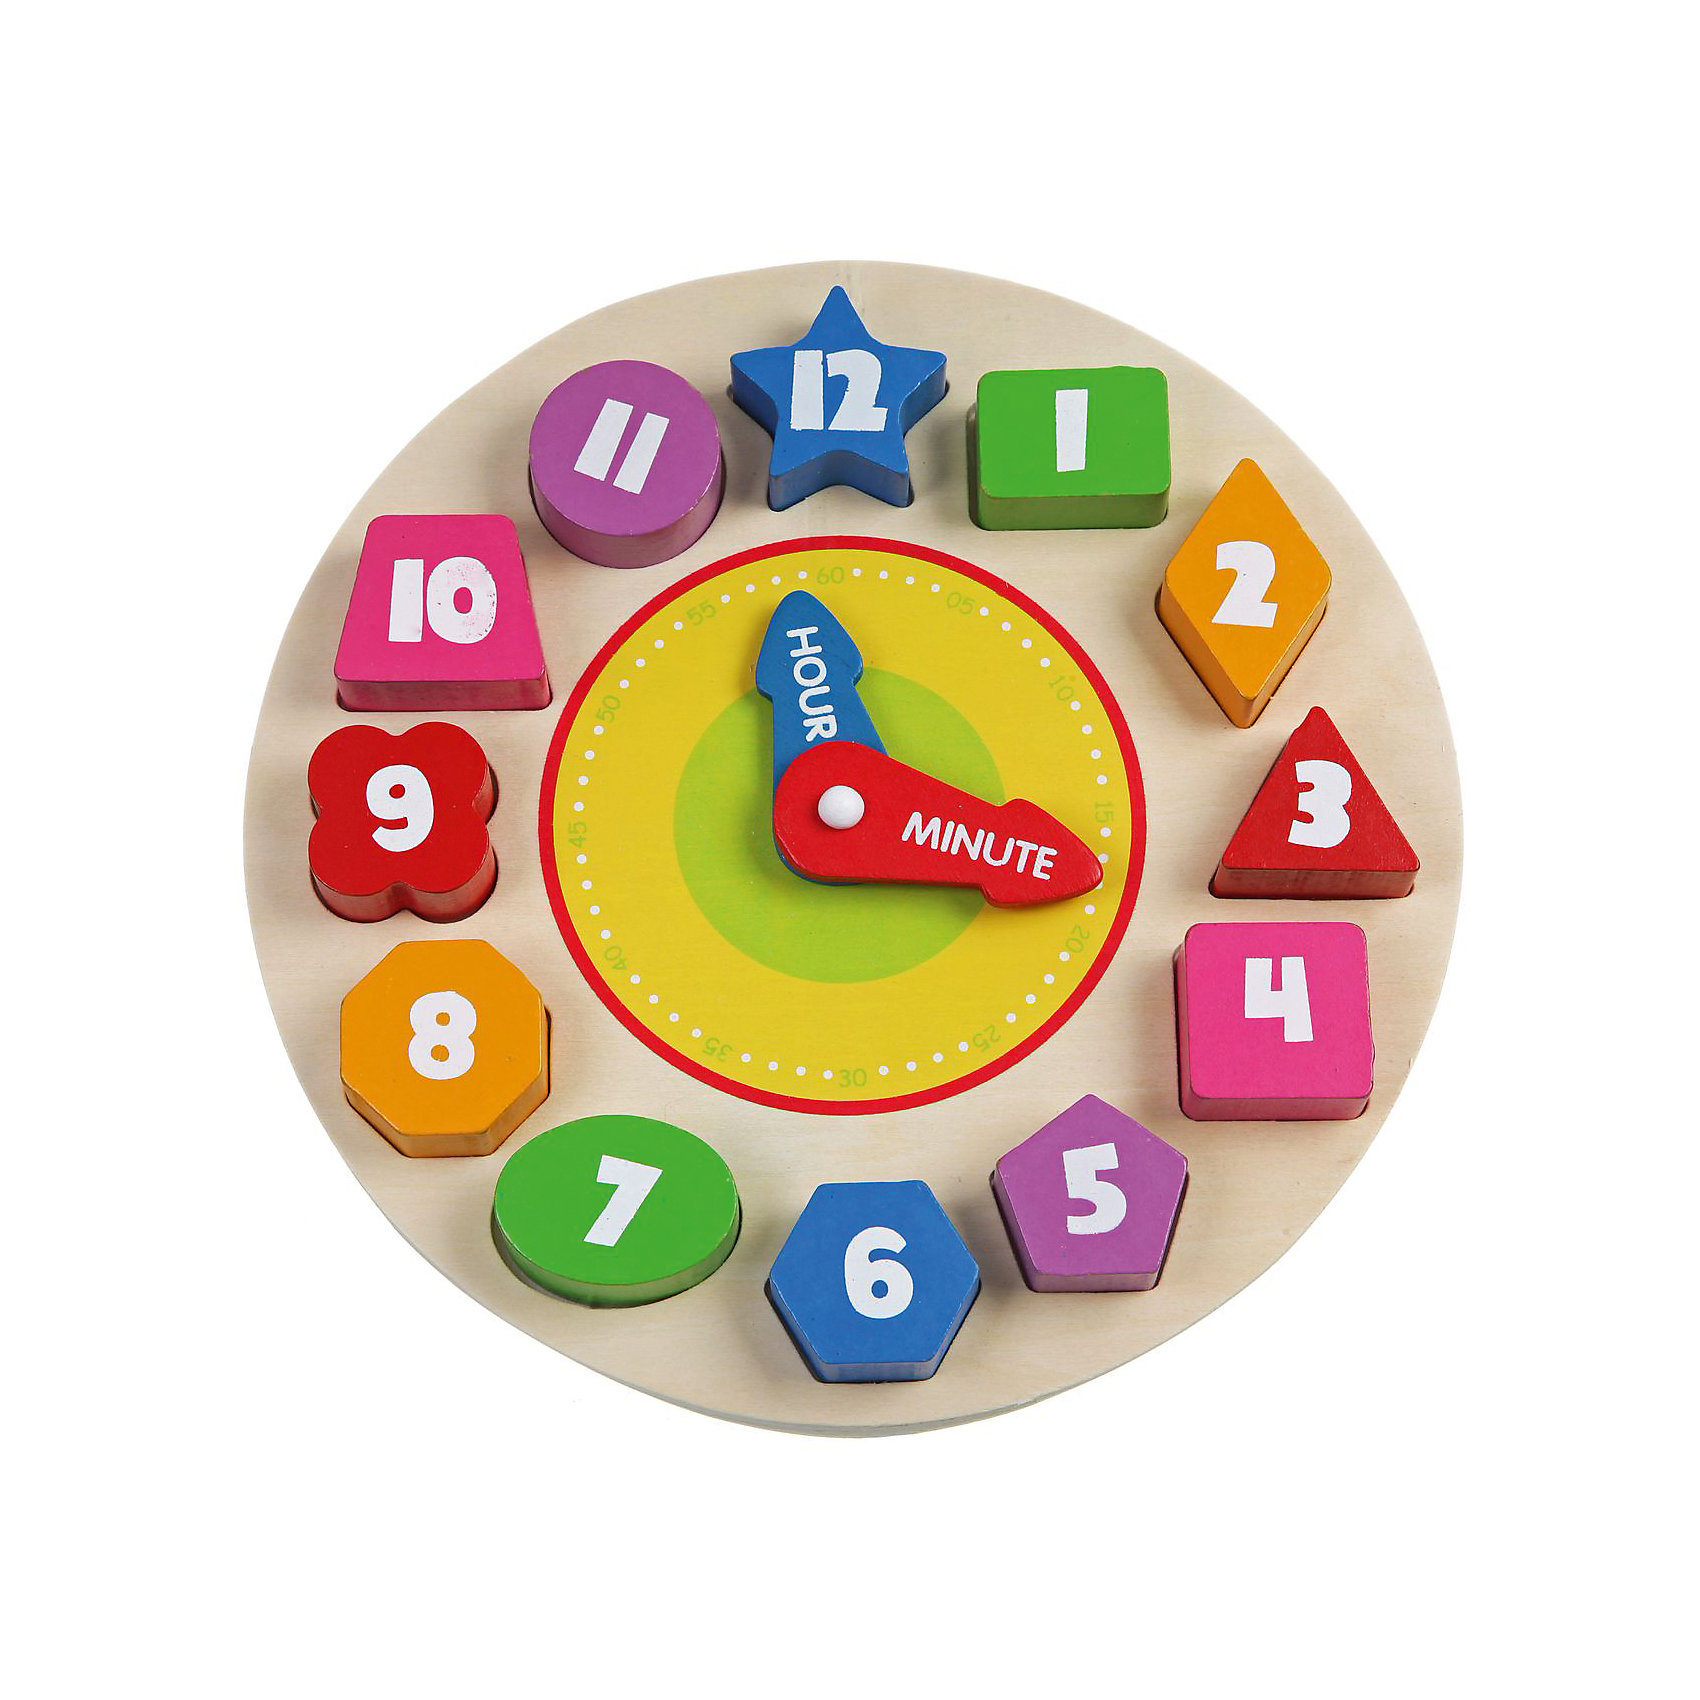 Деревянная рамка-вкладыш Часы, BondibonДеревянные игры и пазлы<br>Деревянная рамка Часы создана для развития моторики и логического мышления у детей. Разноцветные часы имеют специальные отверстия, в которых нужно расположить цифры в правильной последовательности. Такая игра поможет выучить ребенку названия геометрических фигур и цветов. К тому же в дальнейшем родители смогут научить его правильно определять время.<br><br>Дополнительная информация:<br><br>- Возраст: от 18 месяцев<br>- В комплекте: деревянная рамка со стрелками, 12 геометрических фигур<br>- Материал: дерево, пластик<br>- Размер упаковки: 23х4х23 см<br>- Вес: 0.22 кг<br><br>Деревянную рамку-вкладыш Часы, Bondibon можно купить в нашем интернет-магазине.<br><br>Ширина мм: 230<br>Глубина мм: 40<br>Высота мм: 230<br>Вес г: 225<br>Возраст от месяцев: 180<br>Возраст до месяцев: 36<br>Пол: Унисекс<br>Возраст: Детский<br>SKU: 4864528